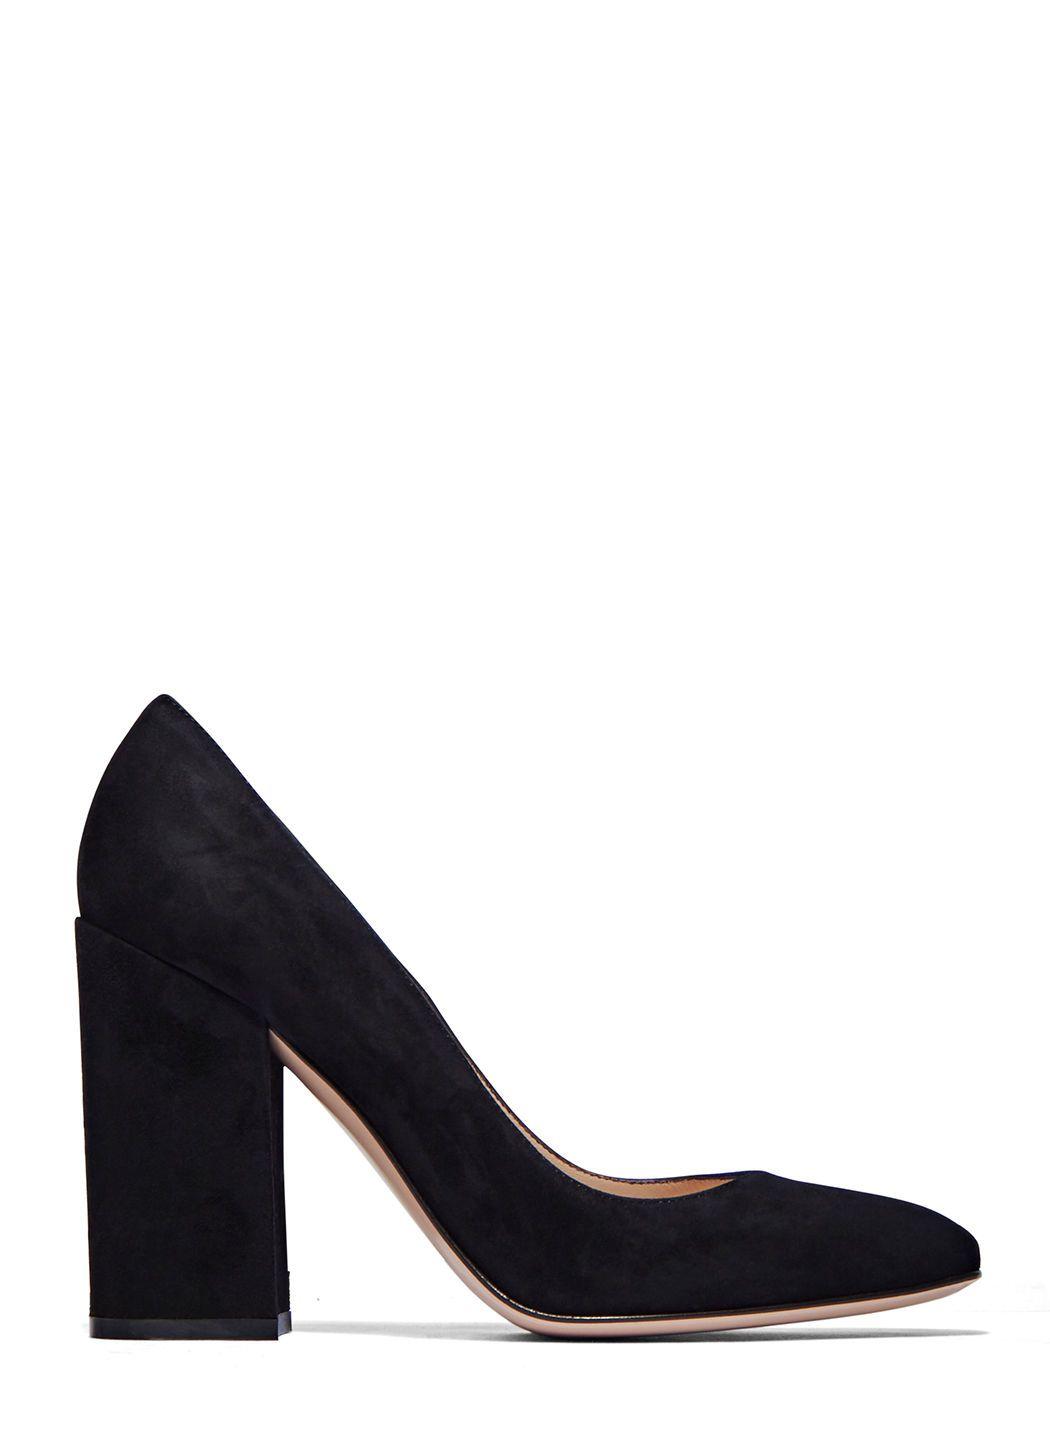 GIANVITO ROSSI Women'S Suede Block Heeled Pumps In Black. #gianvitorossi # shoes #